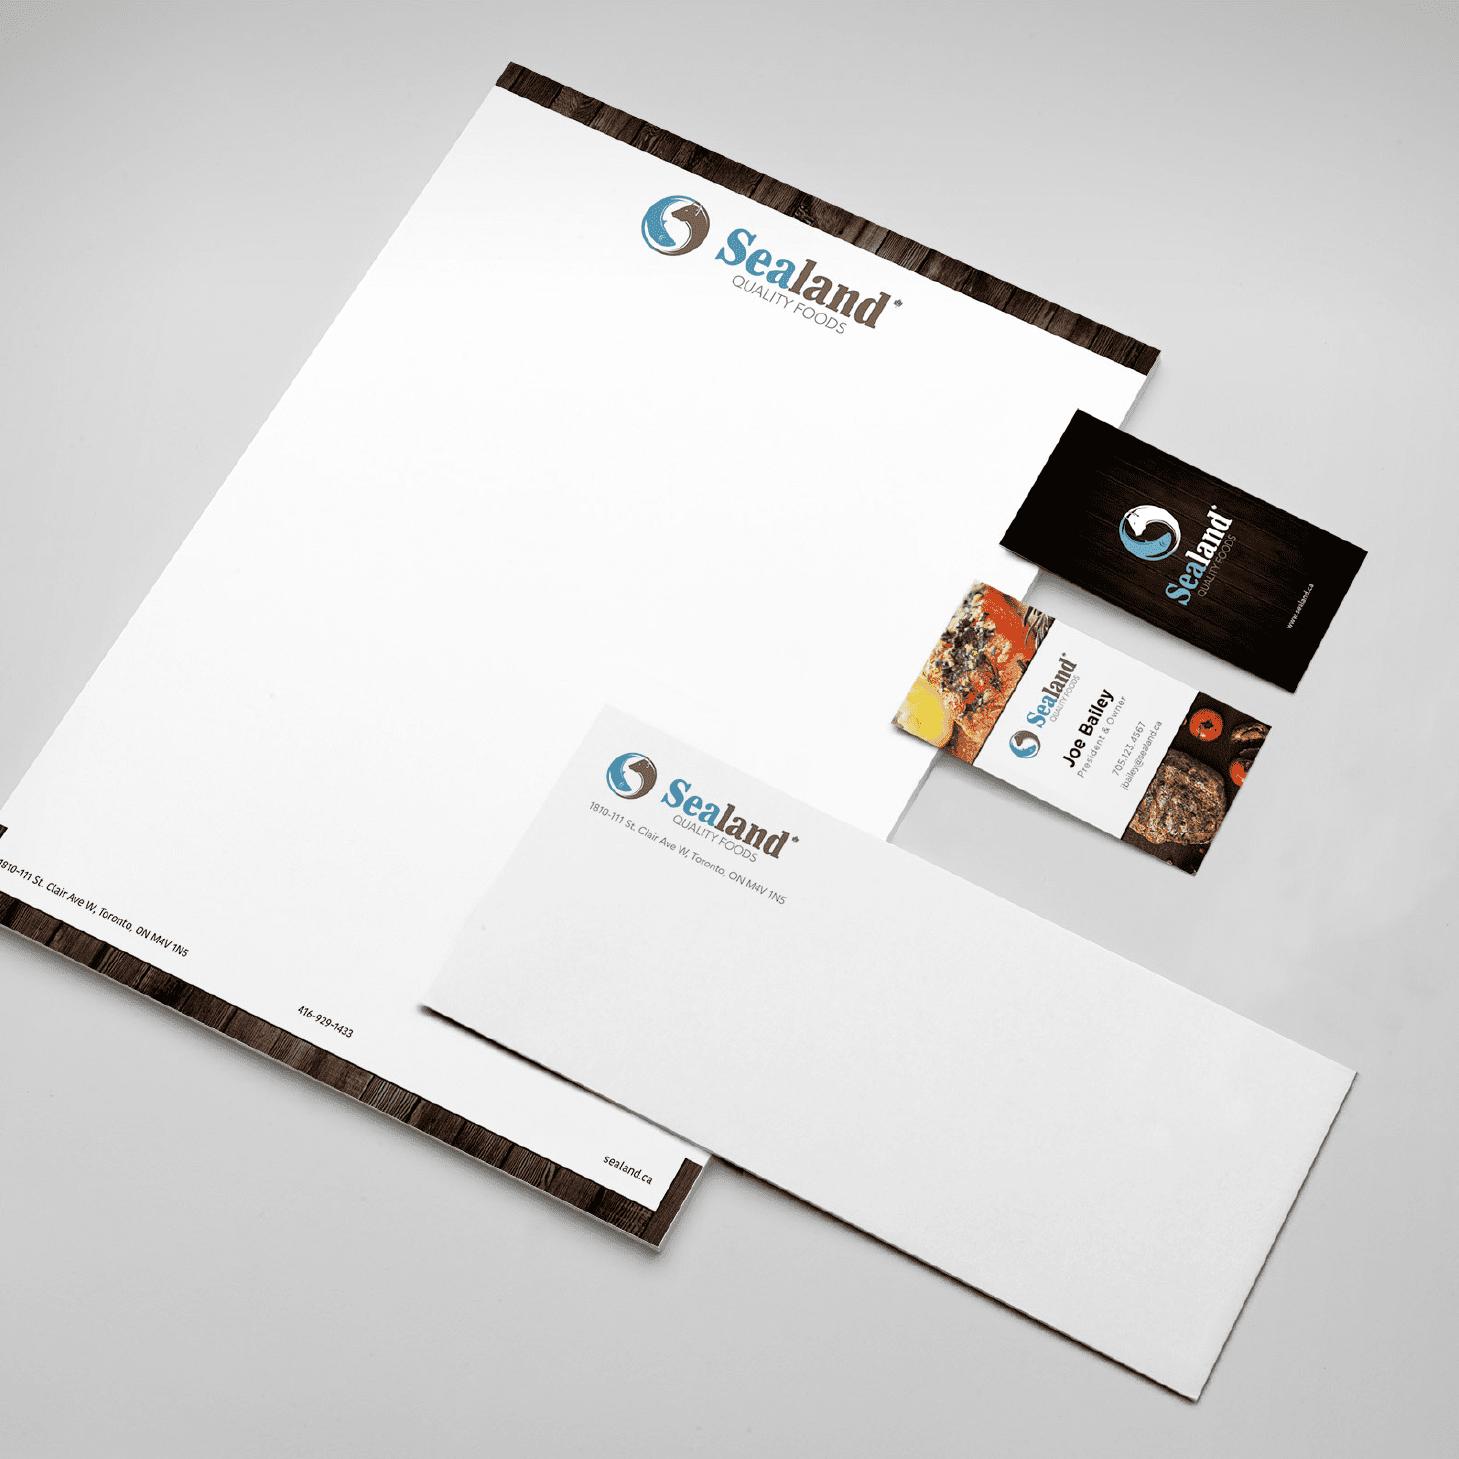 Logos_Branding-06